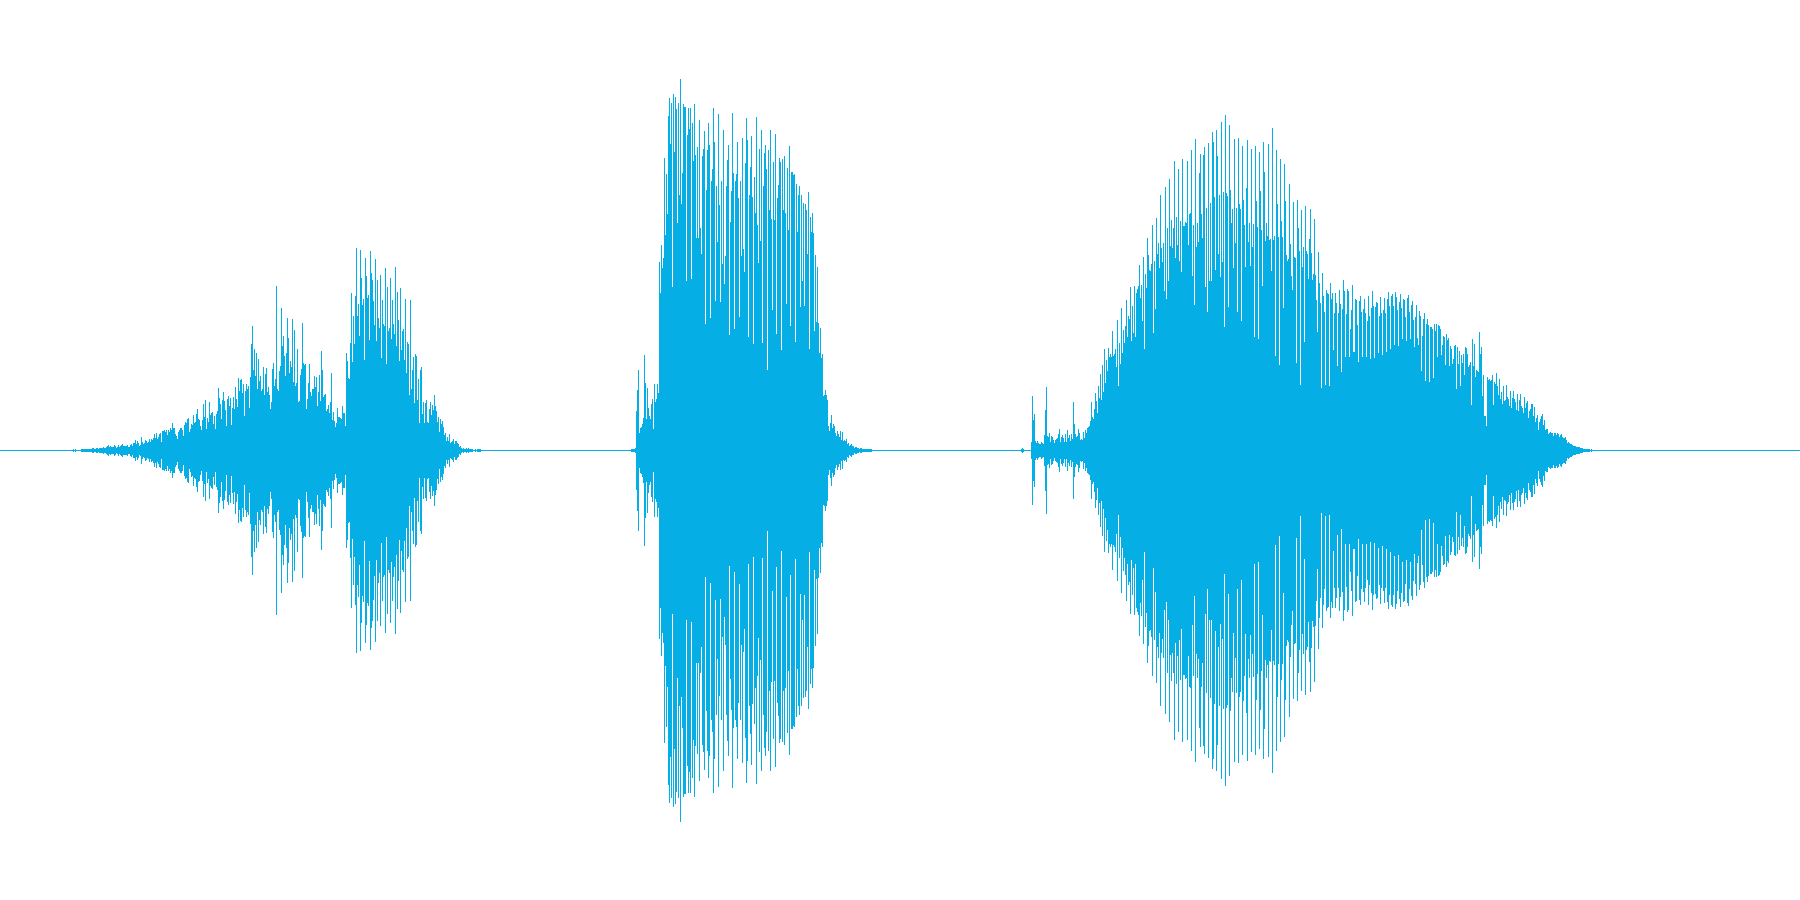 すてき!1【ロリキャラの褒めボイス】の再生済みの波形